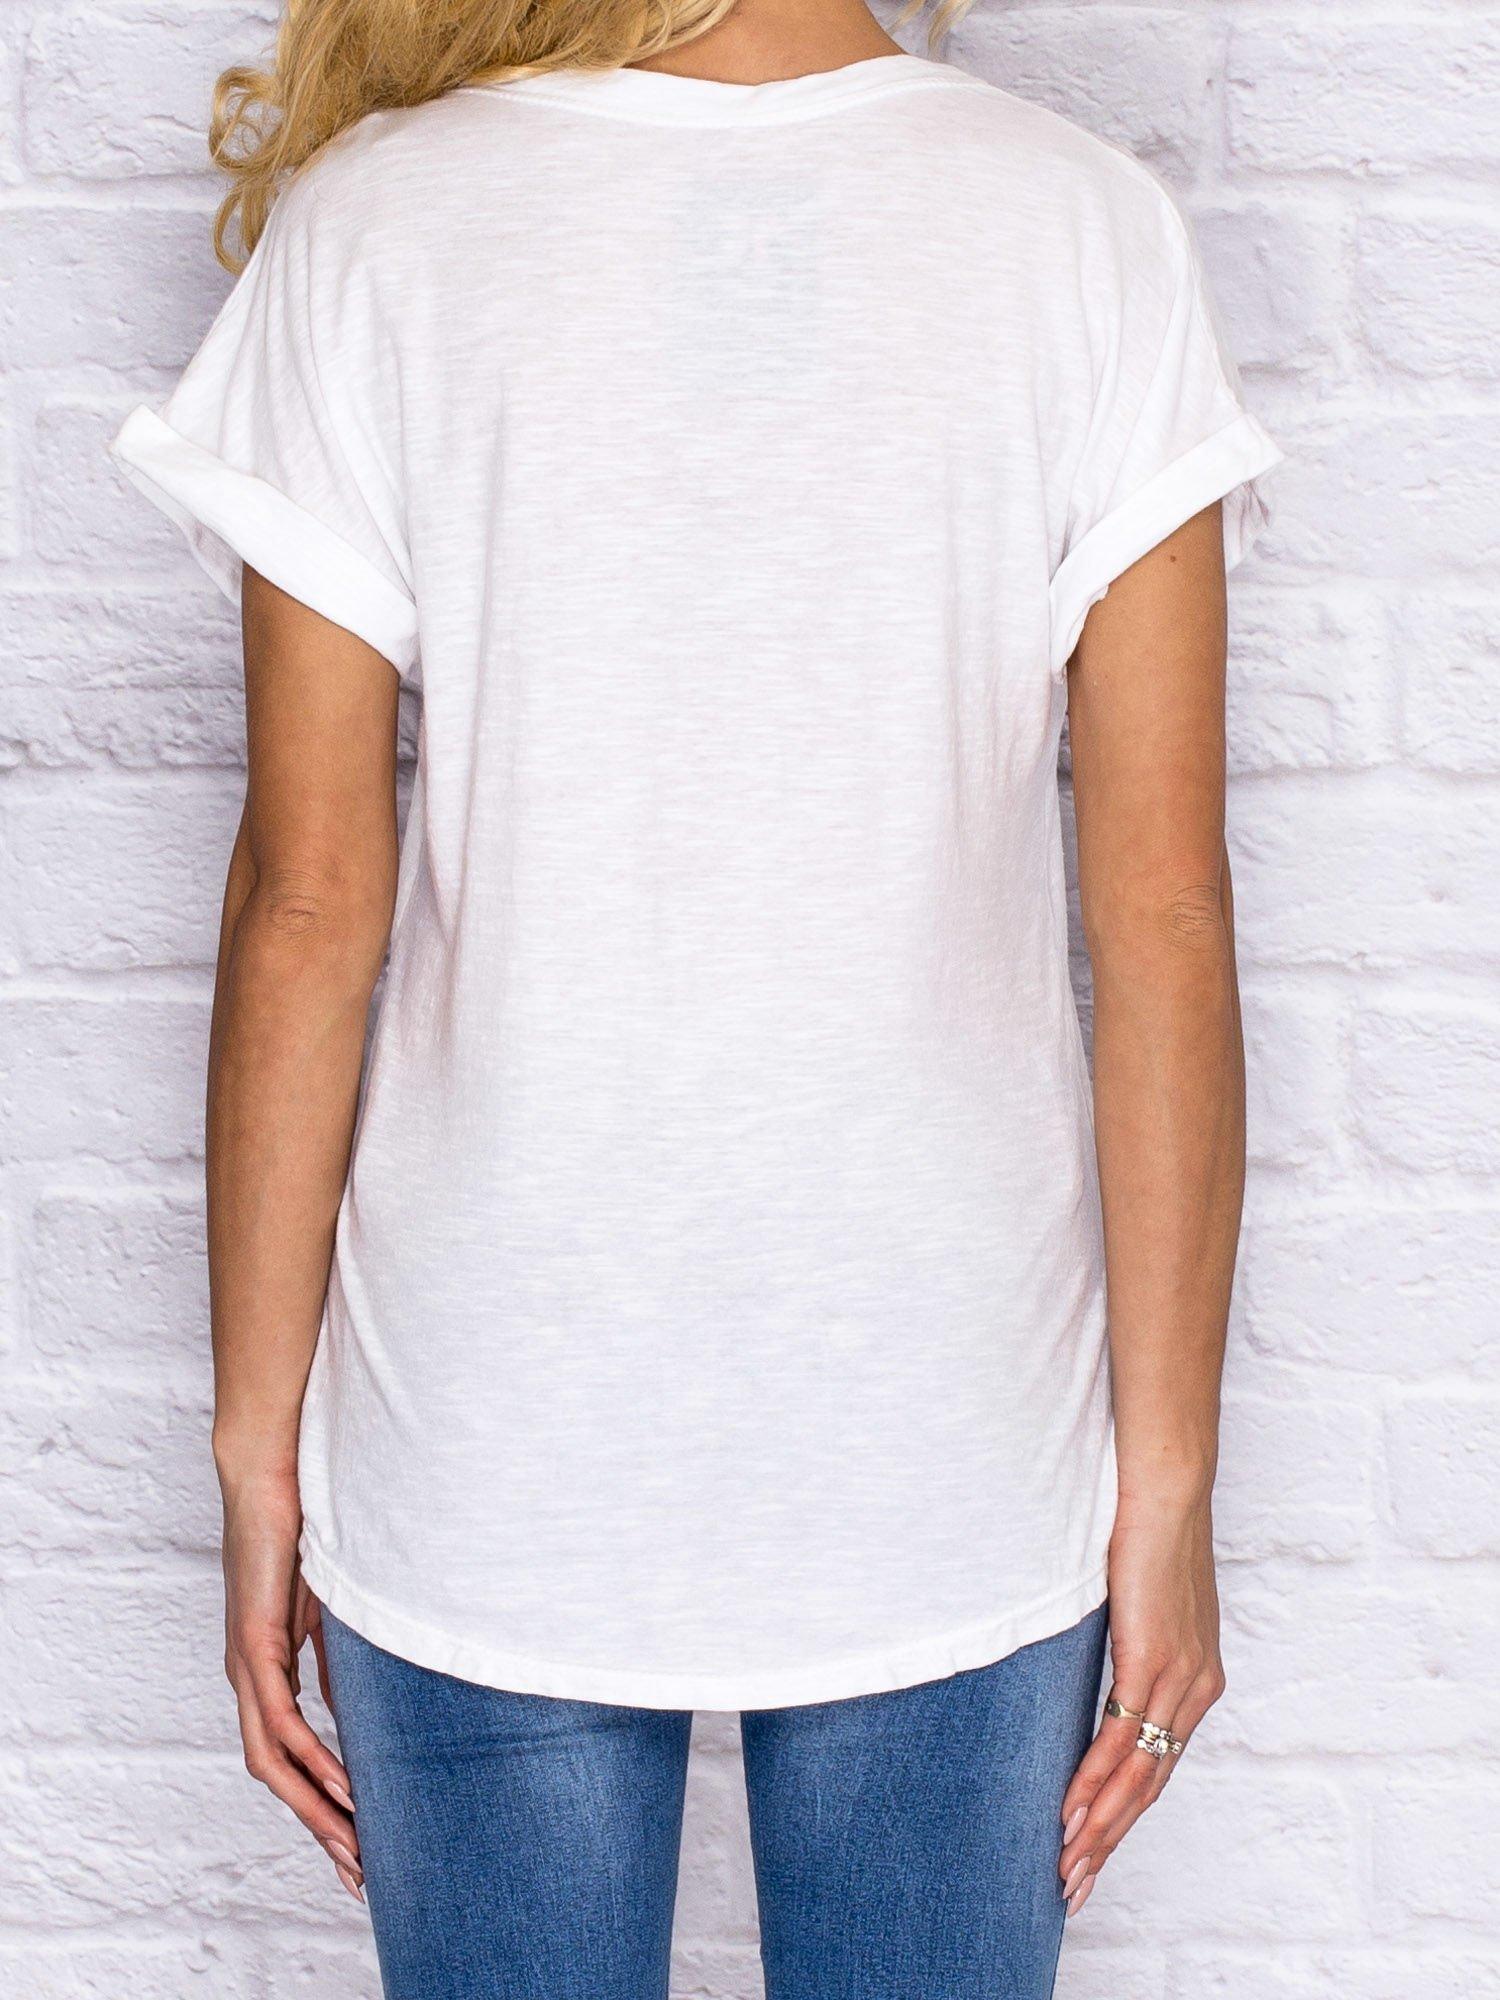 05a3ffcac4e341 T-shirt damski z naszywkami i kieszenią biały - T-shirt z naszywkami - sklep  eButik.pl